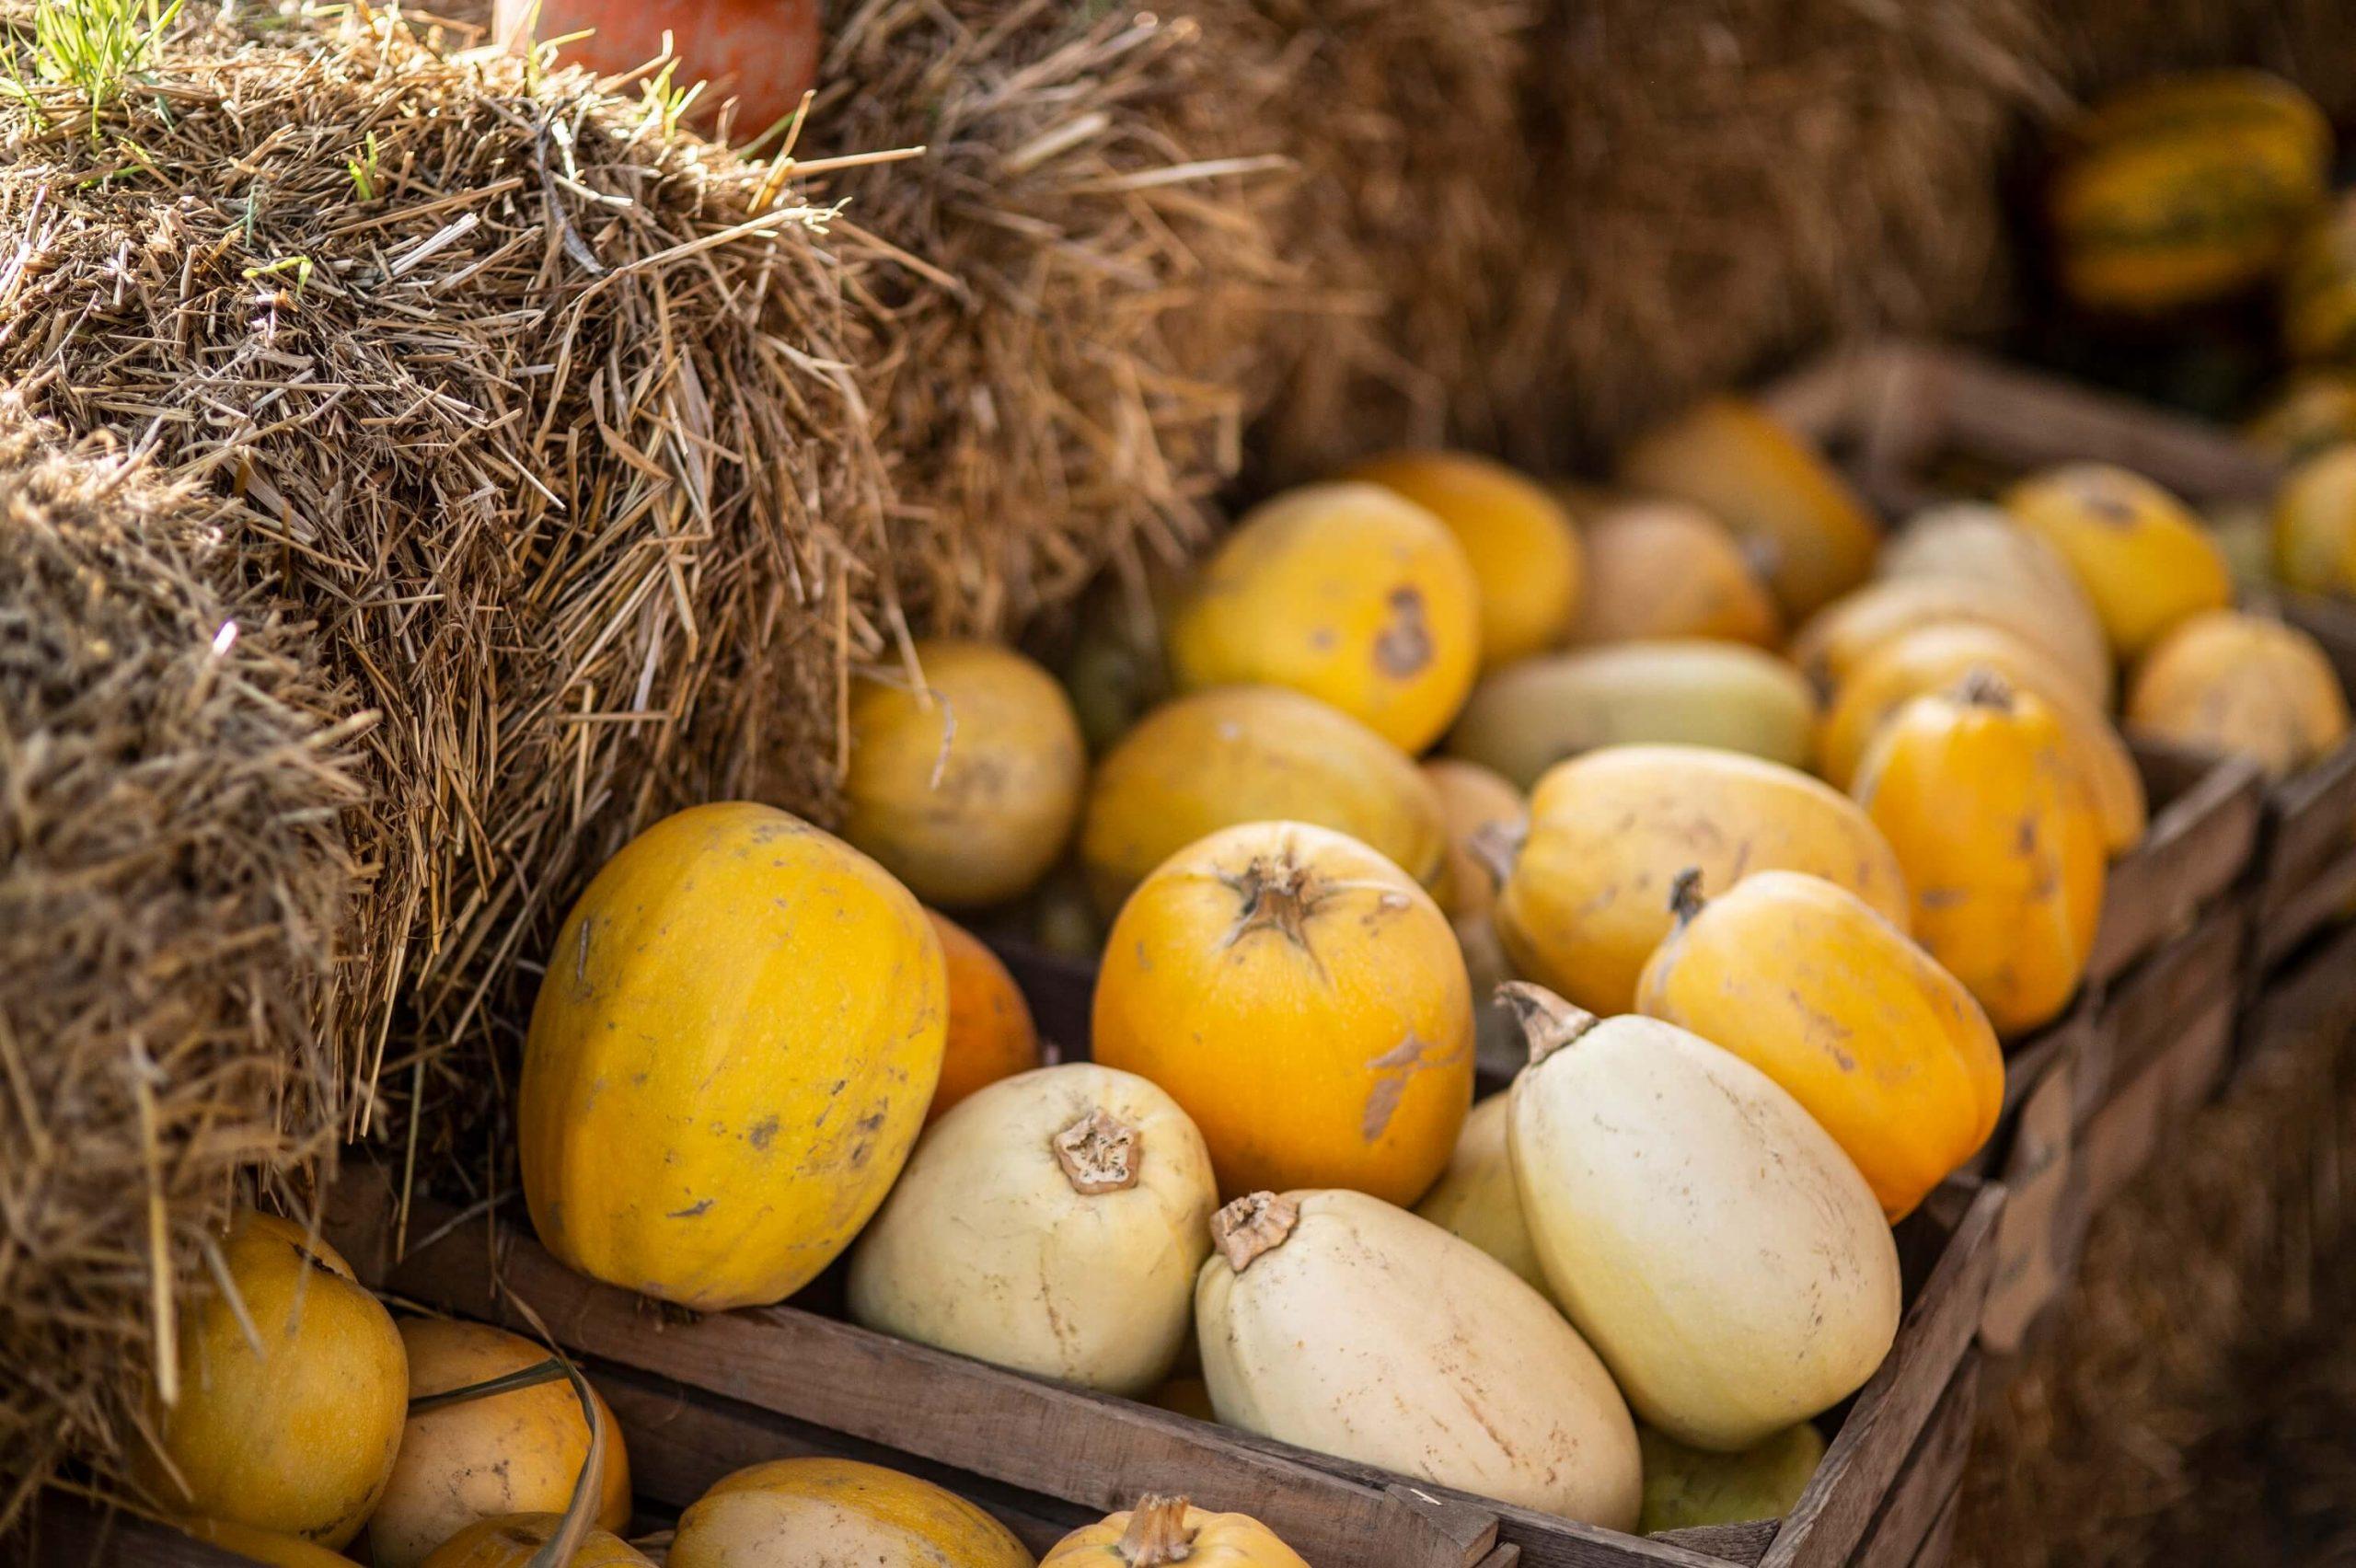 Jesienne smaki 10 scaled - Jesienne smaki na pomorskich farmach i bazarach